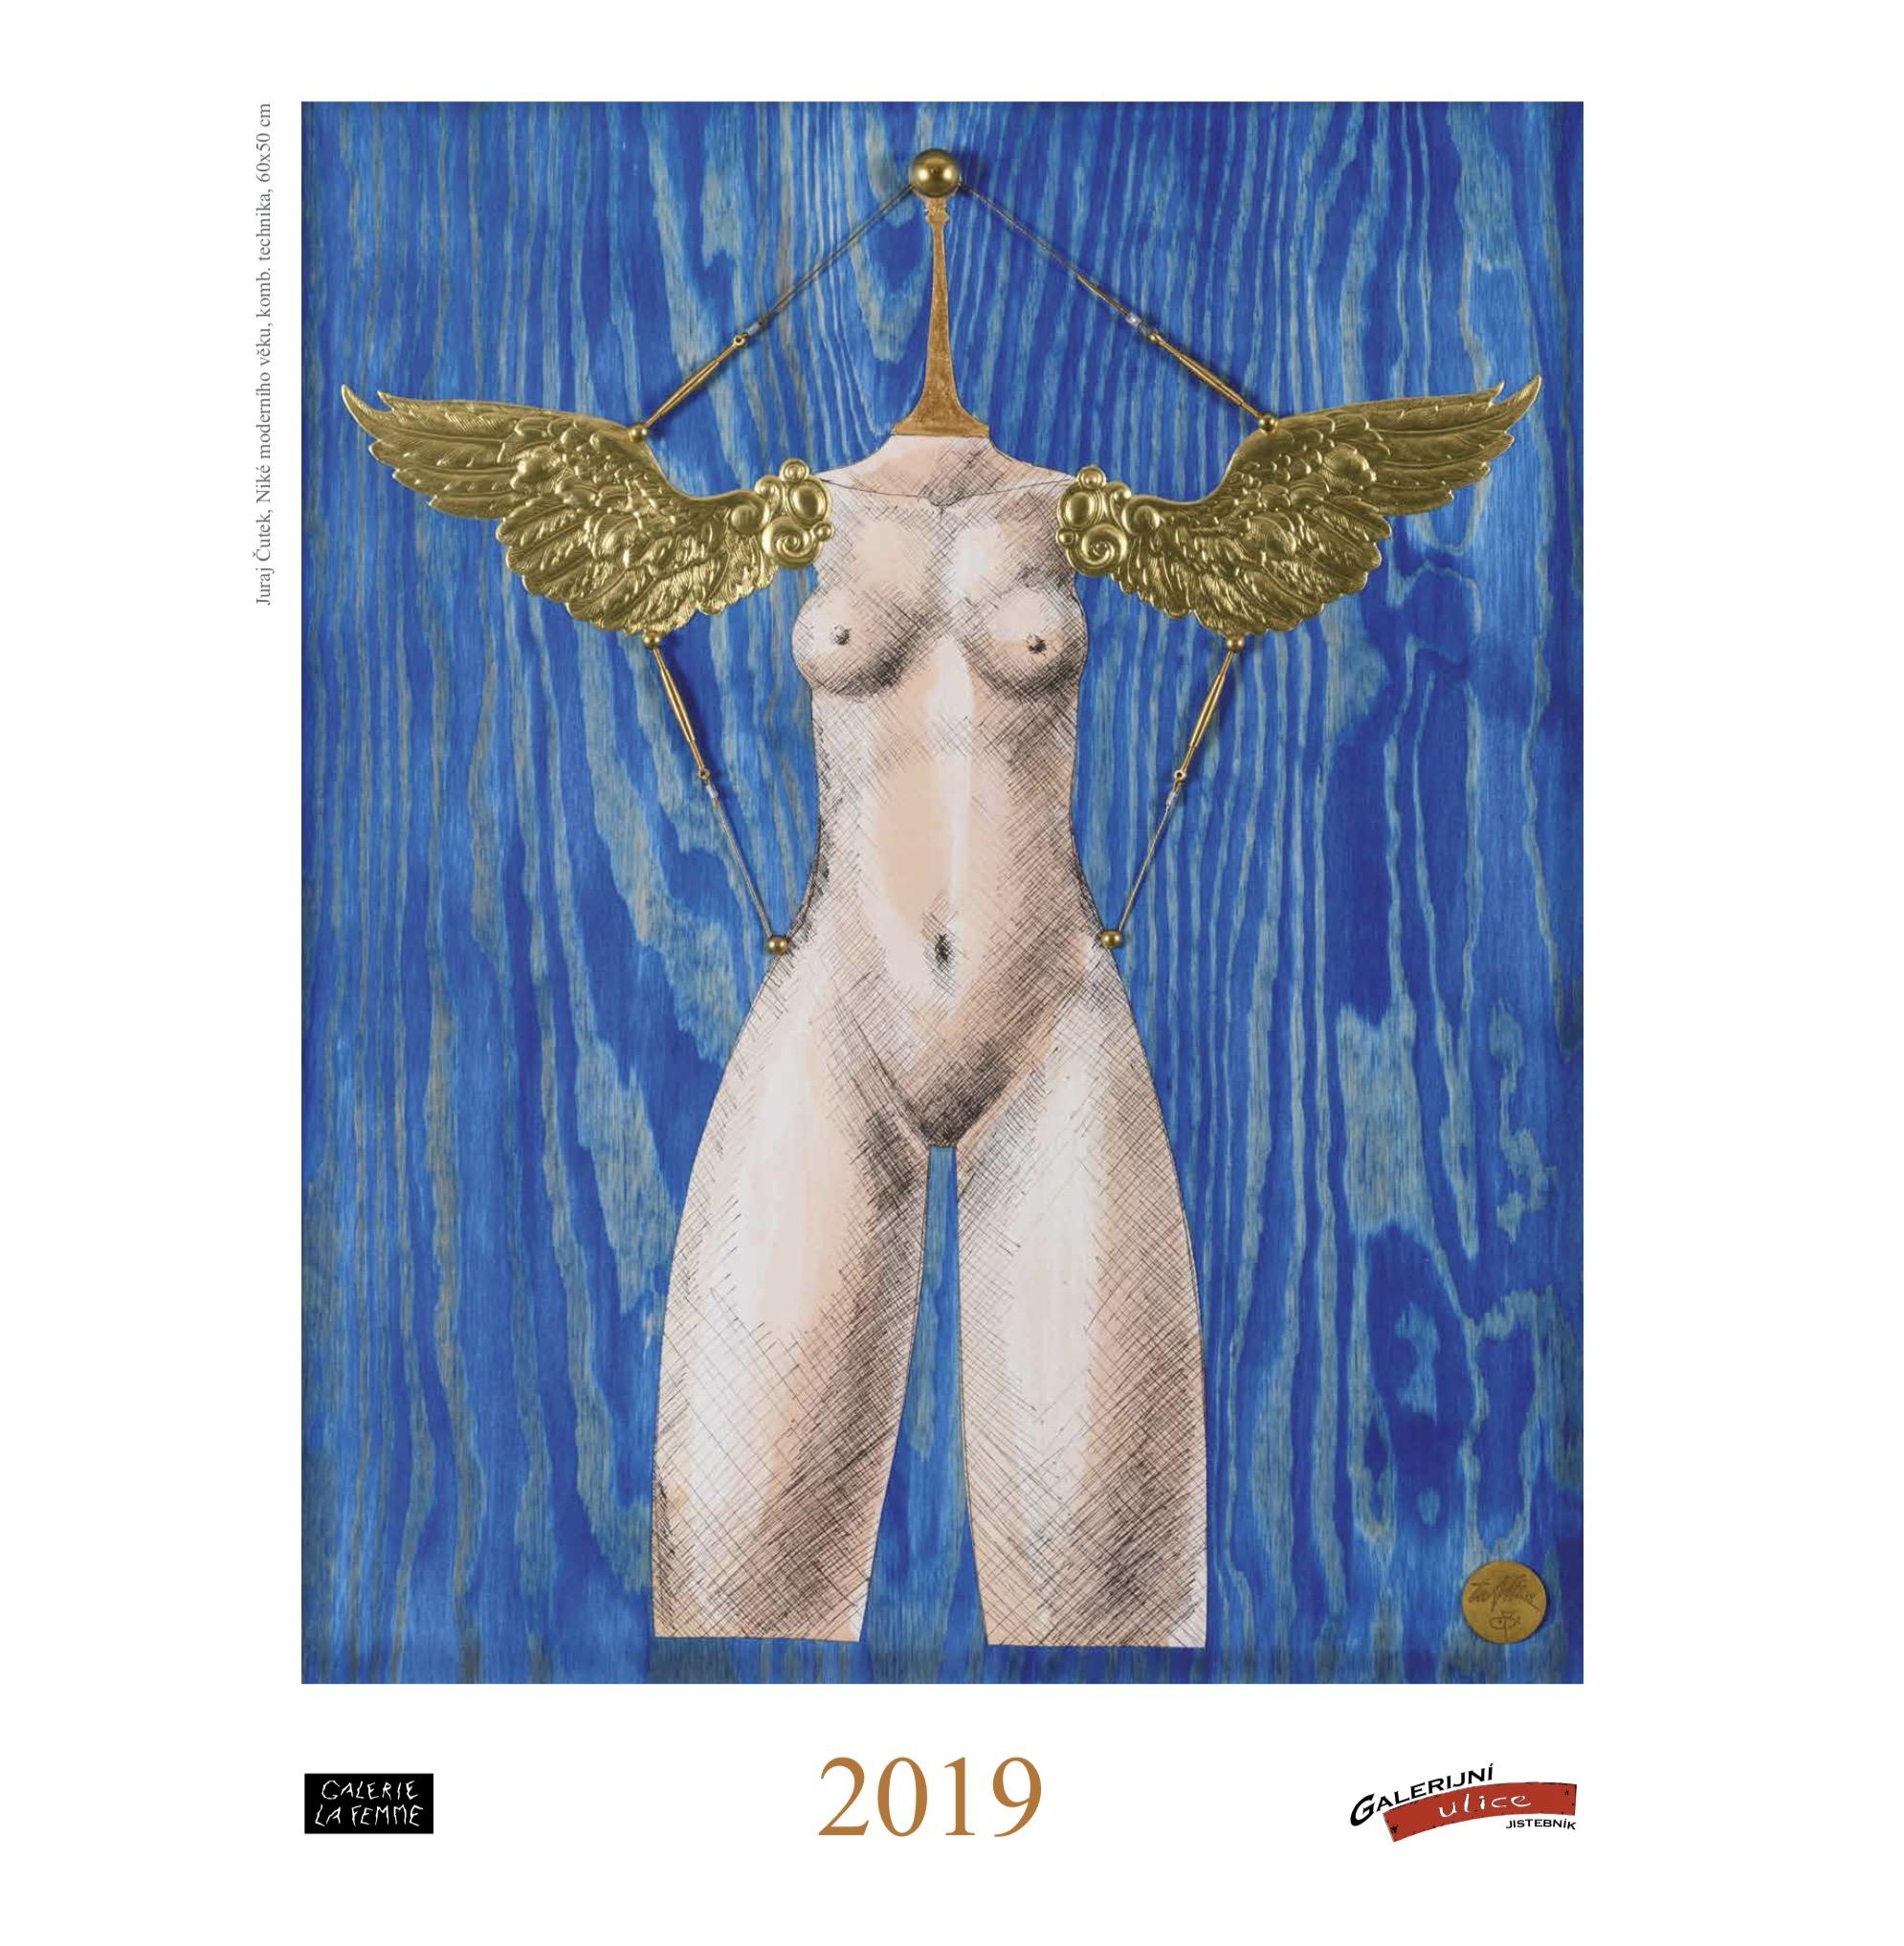 Kalendář Galerijní ulice a Galerie La Femme 2019 - IV. sympozium výtvarníků